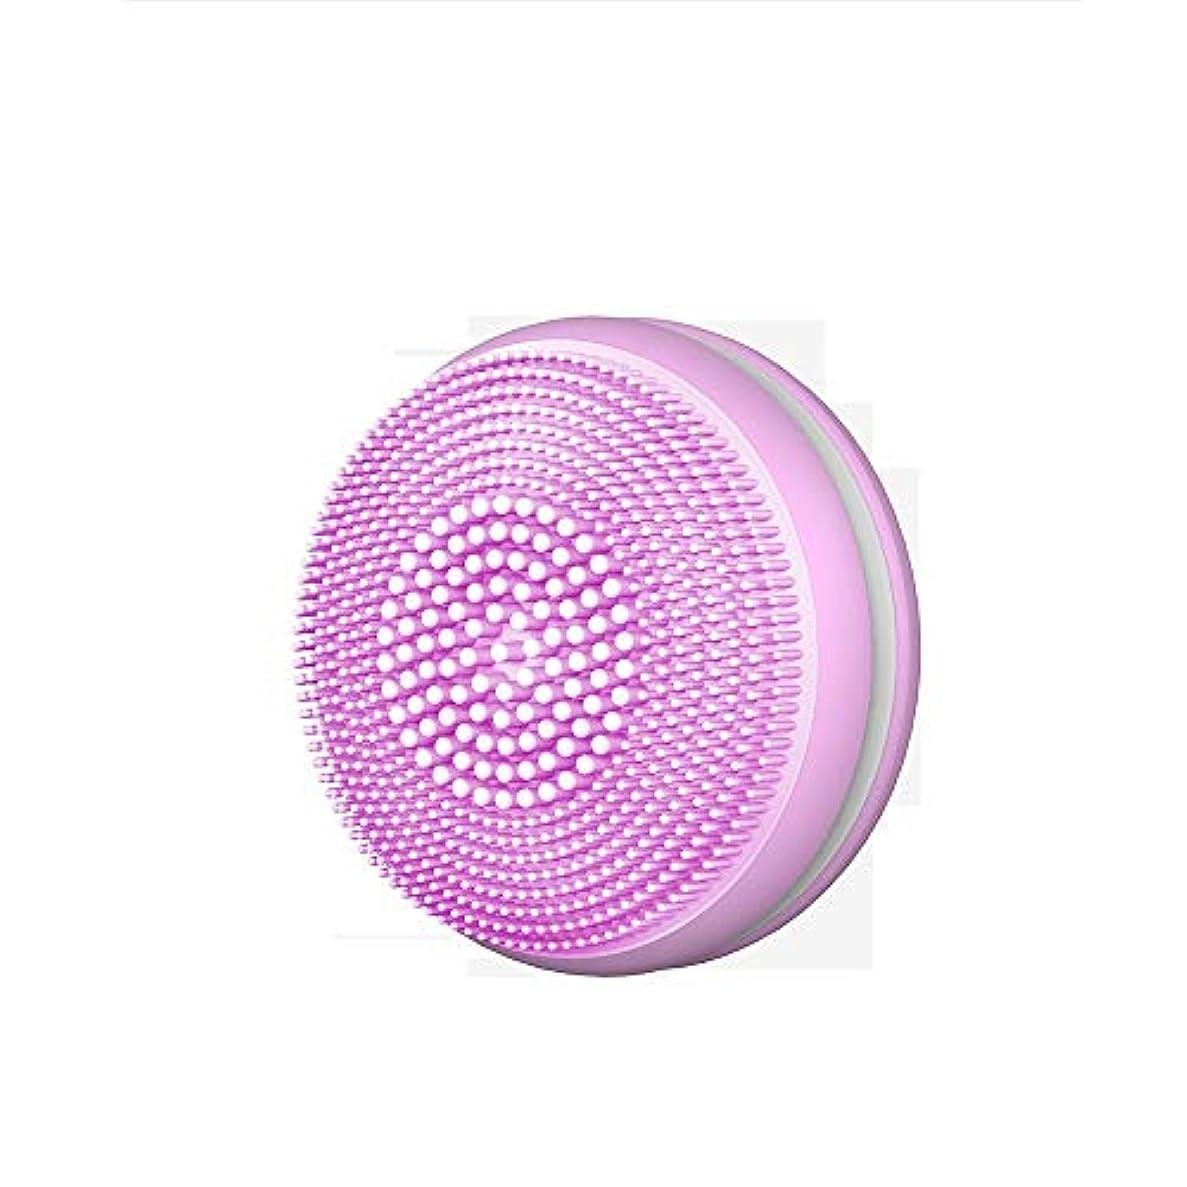 オーストラリアミッション解決ZXF 新しいマカロン形状シリコーンクリーナー電気掃除毛穴美容器具ミニ超音波洗浄器具マッサージ器具 滑らかである (色 : Pink)